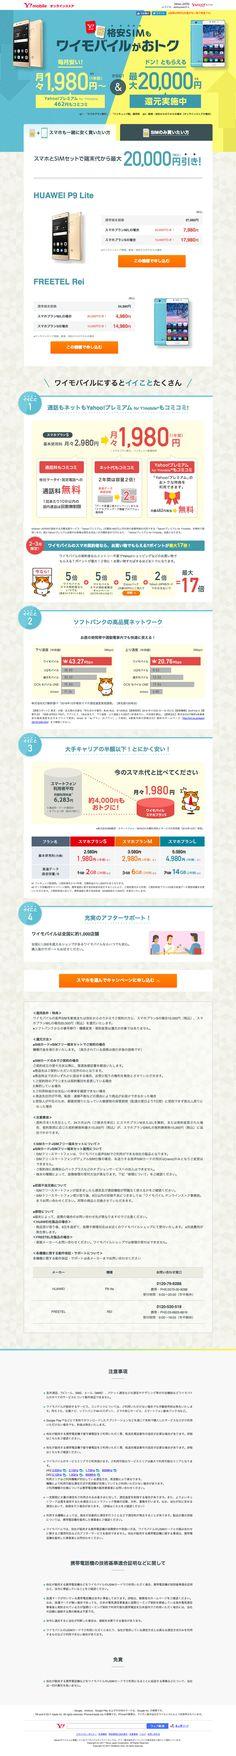 格安SIMもワイモバイルがおトク-ワイモバイルオンラインストアhttps://ymobile-store.yahoo.co.jp/special/simcb/